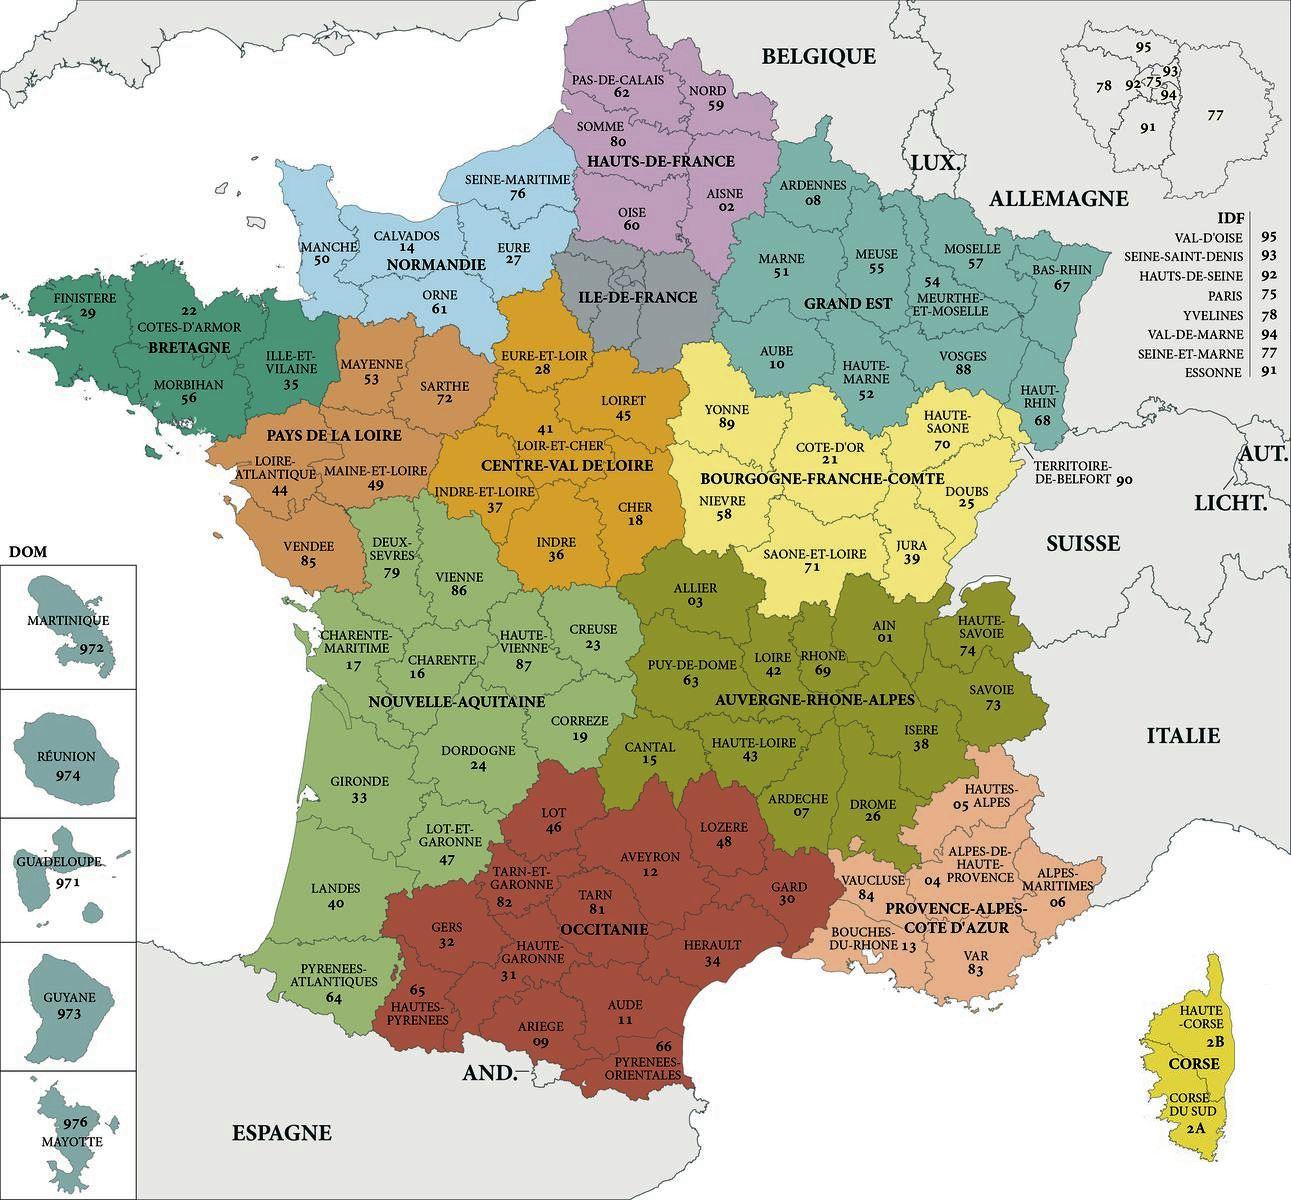 Carte De France Departements : Carte Des Départements De France dedans Les 22 Régions De France Métropolitaine